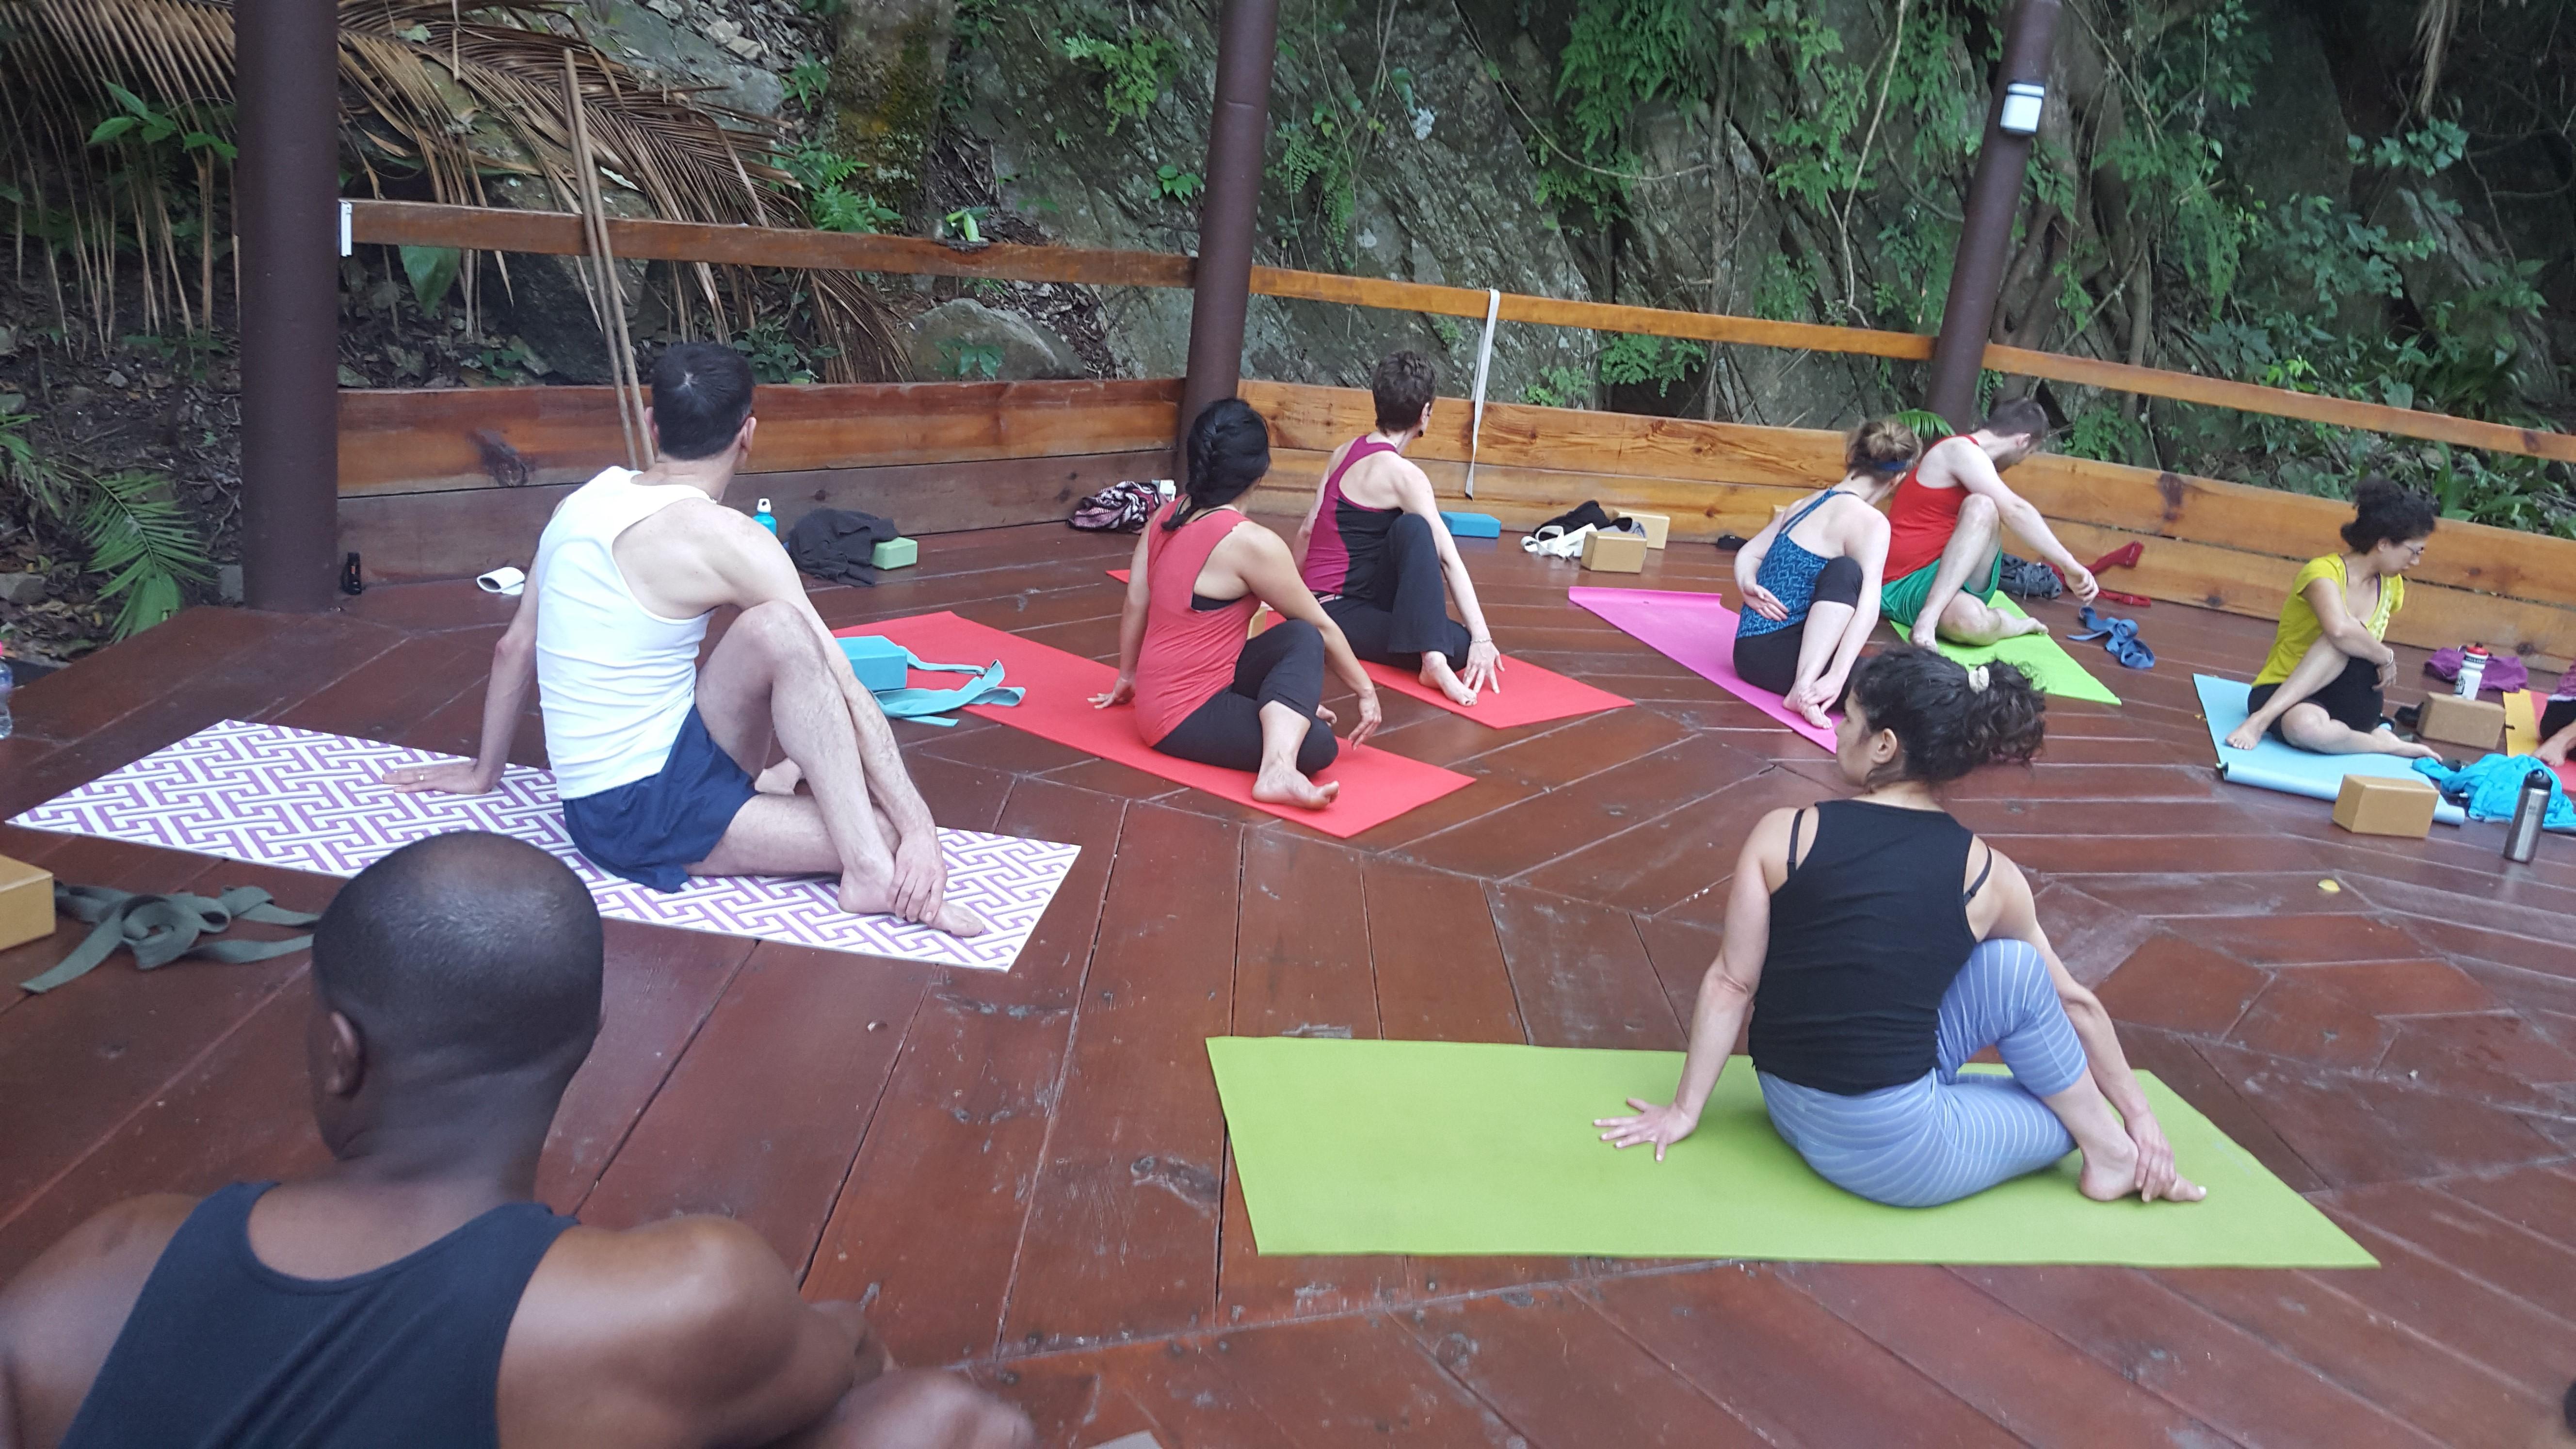 Yelapa yoga practice